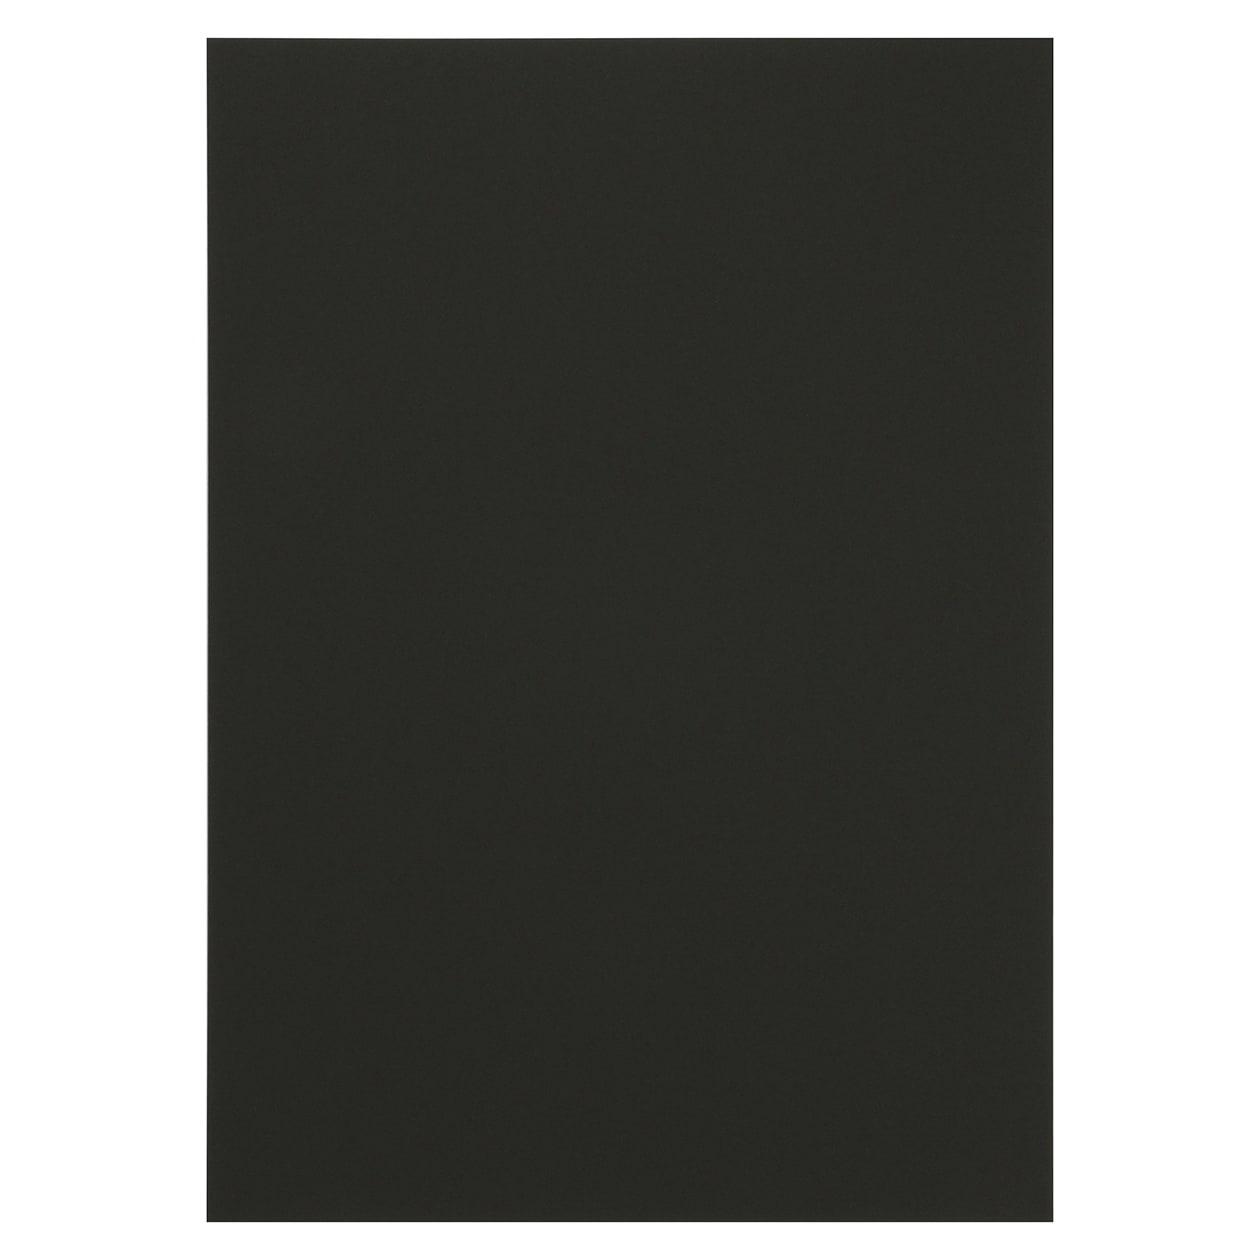 A4シート コットン(NTラシャ) 漆黒 116.3g